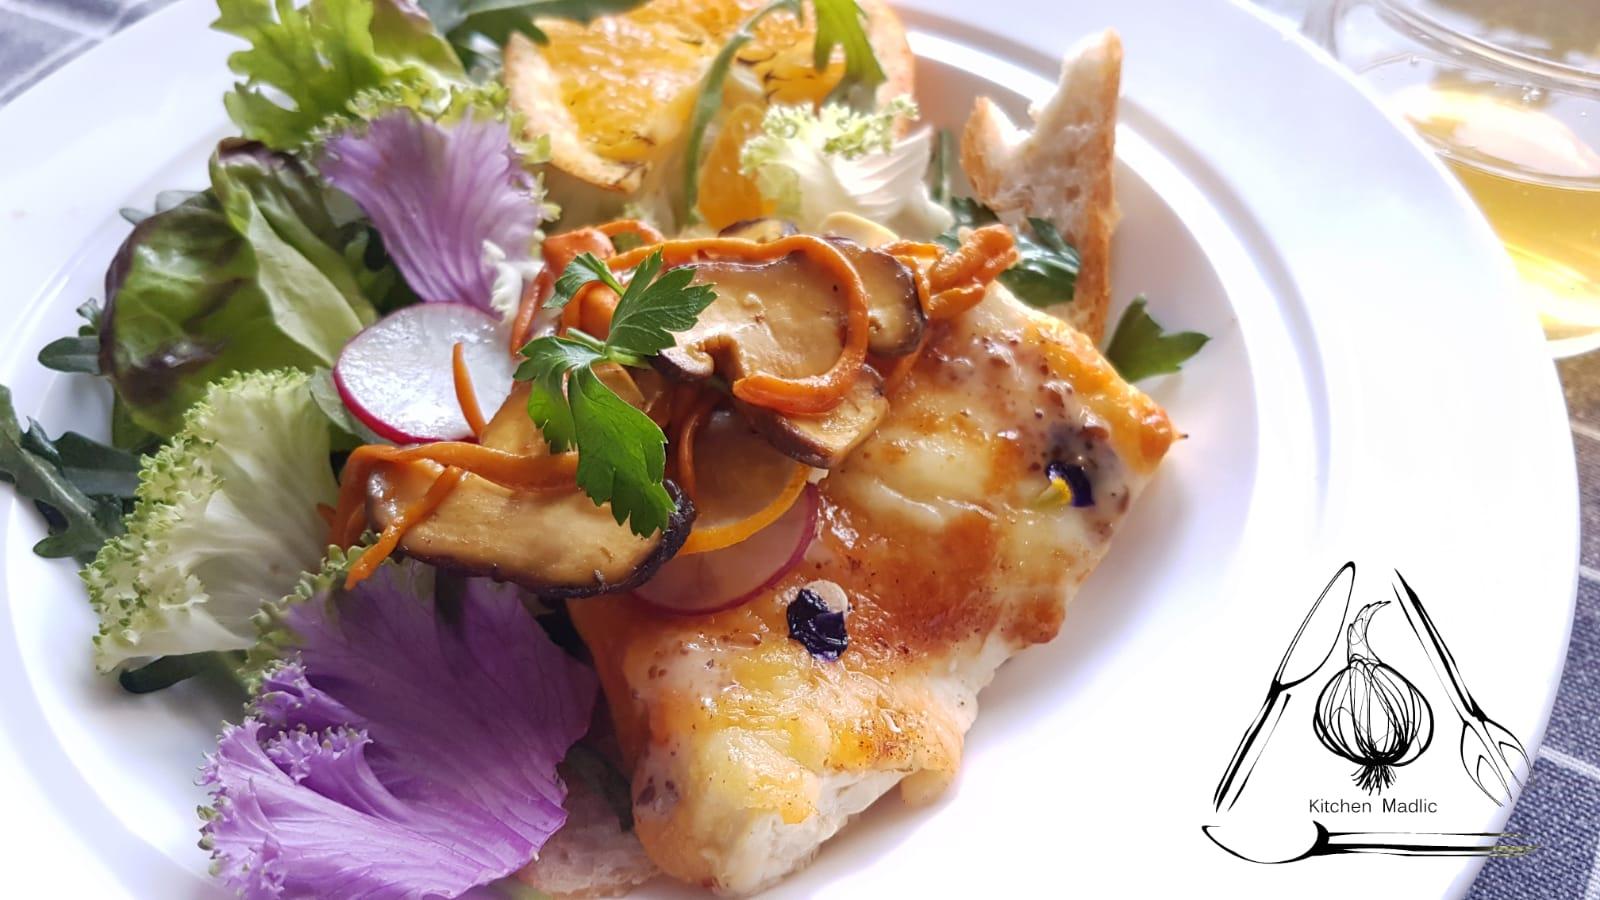 蟲草花野菌芝士焗絹豆腐沙律。(Kitchen Madlic提供)